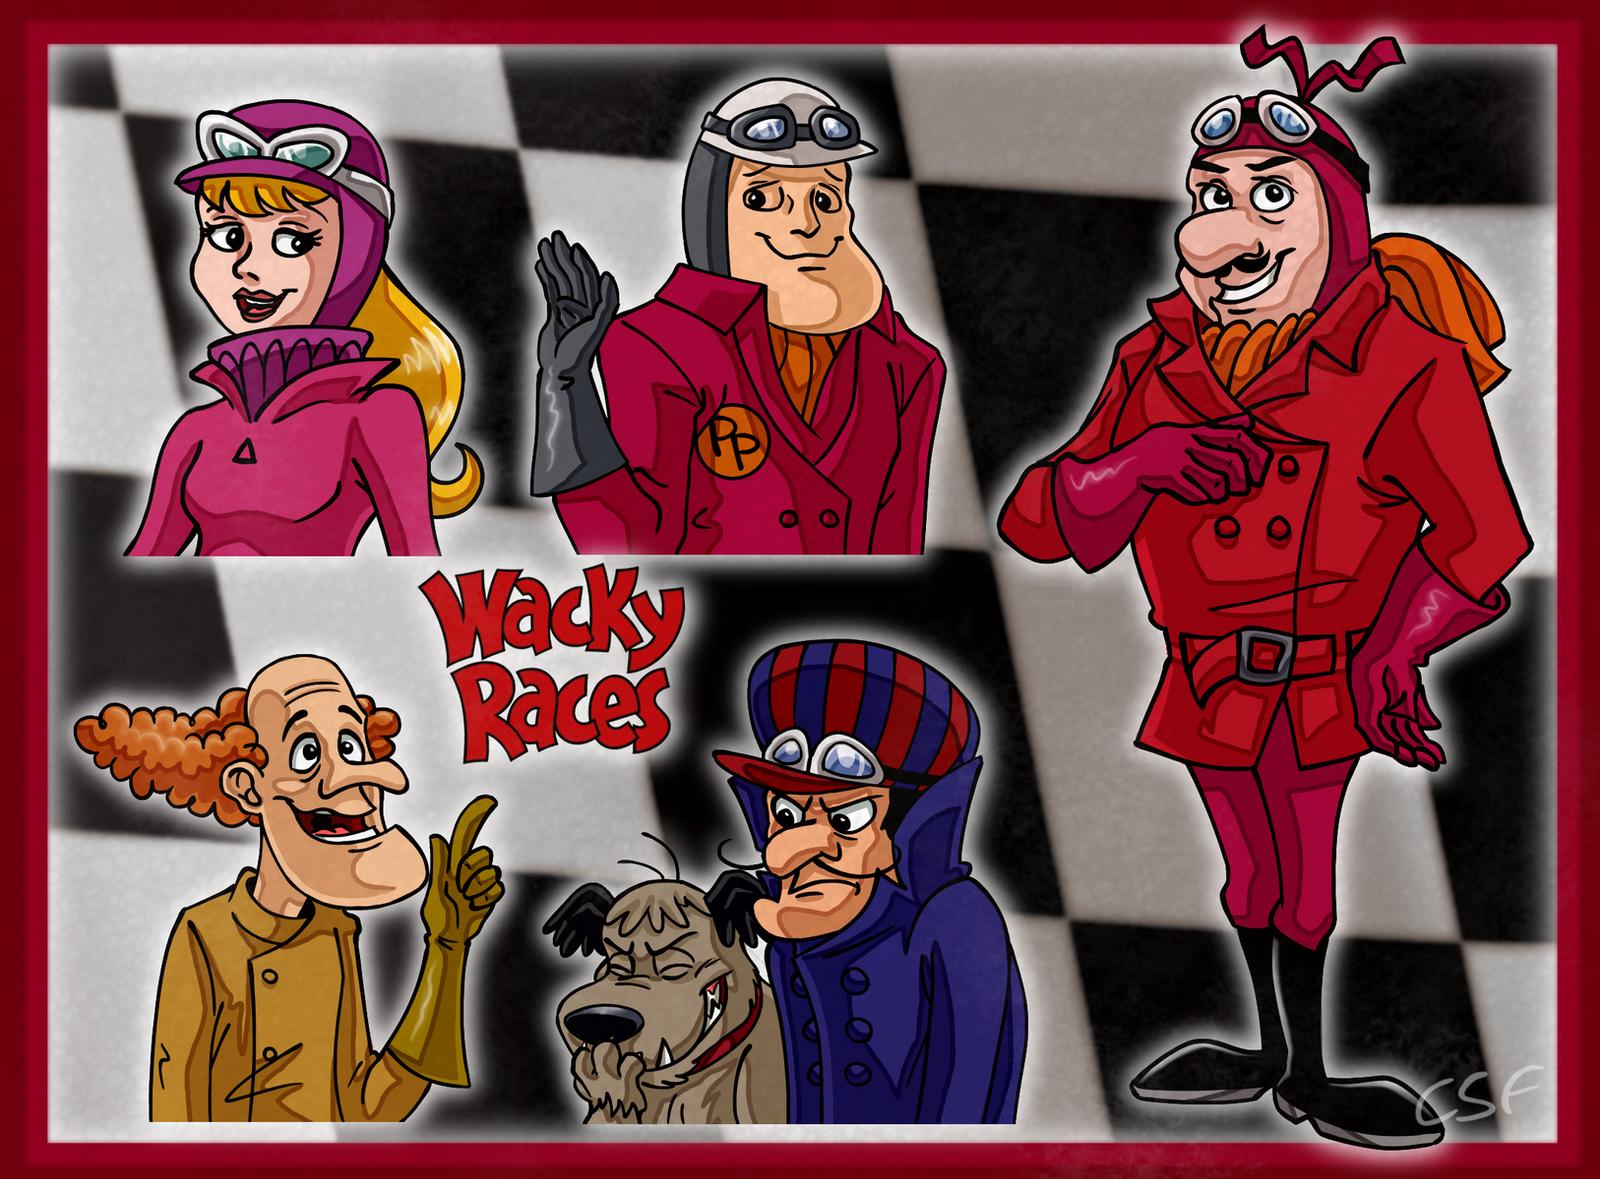 Those wacky racers by cartoonsilverfox on deviantart for Wacky wallpaper